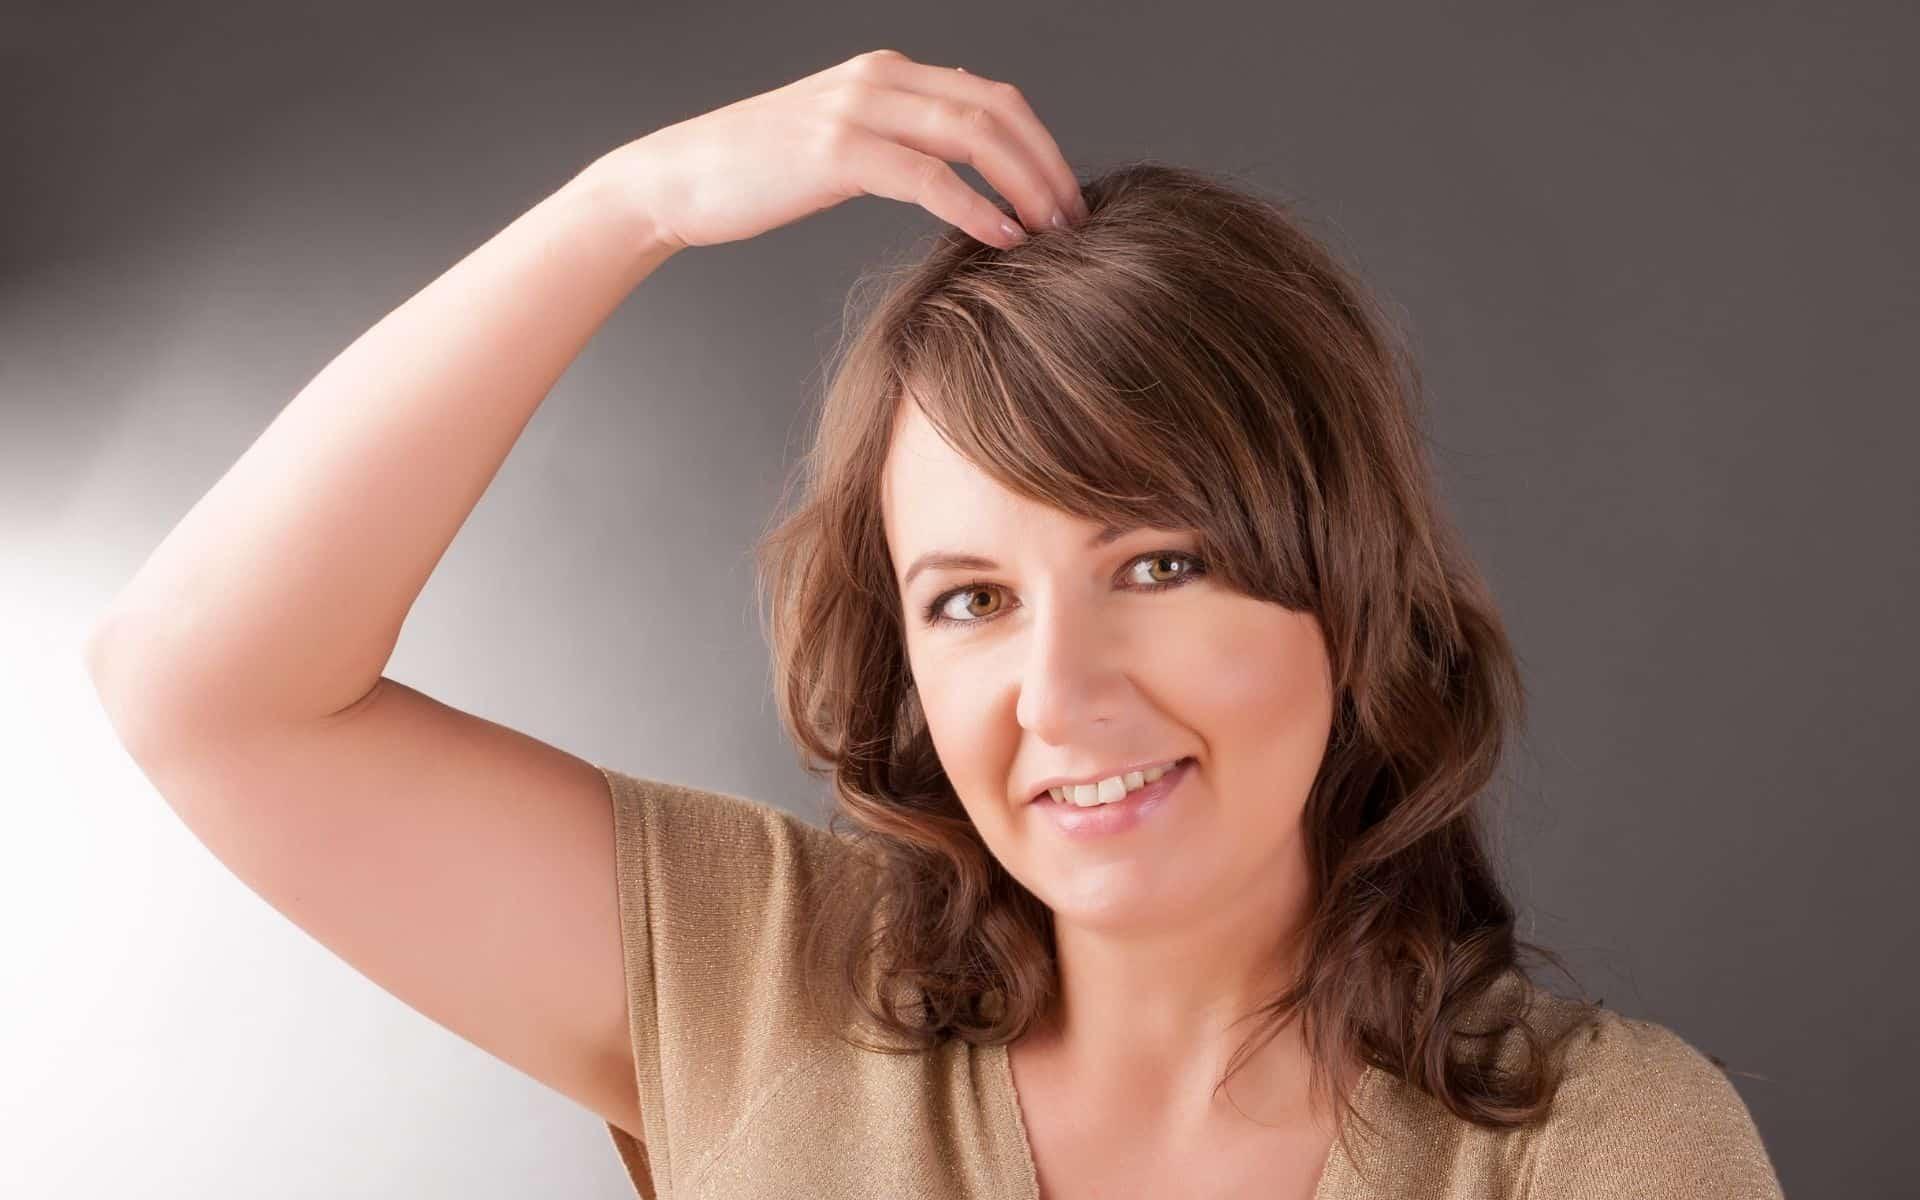 la méthode EFT : tapotement sur certaines zones du corps